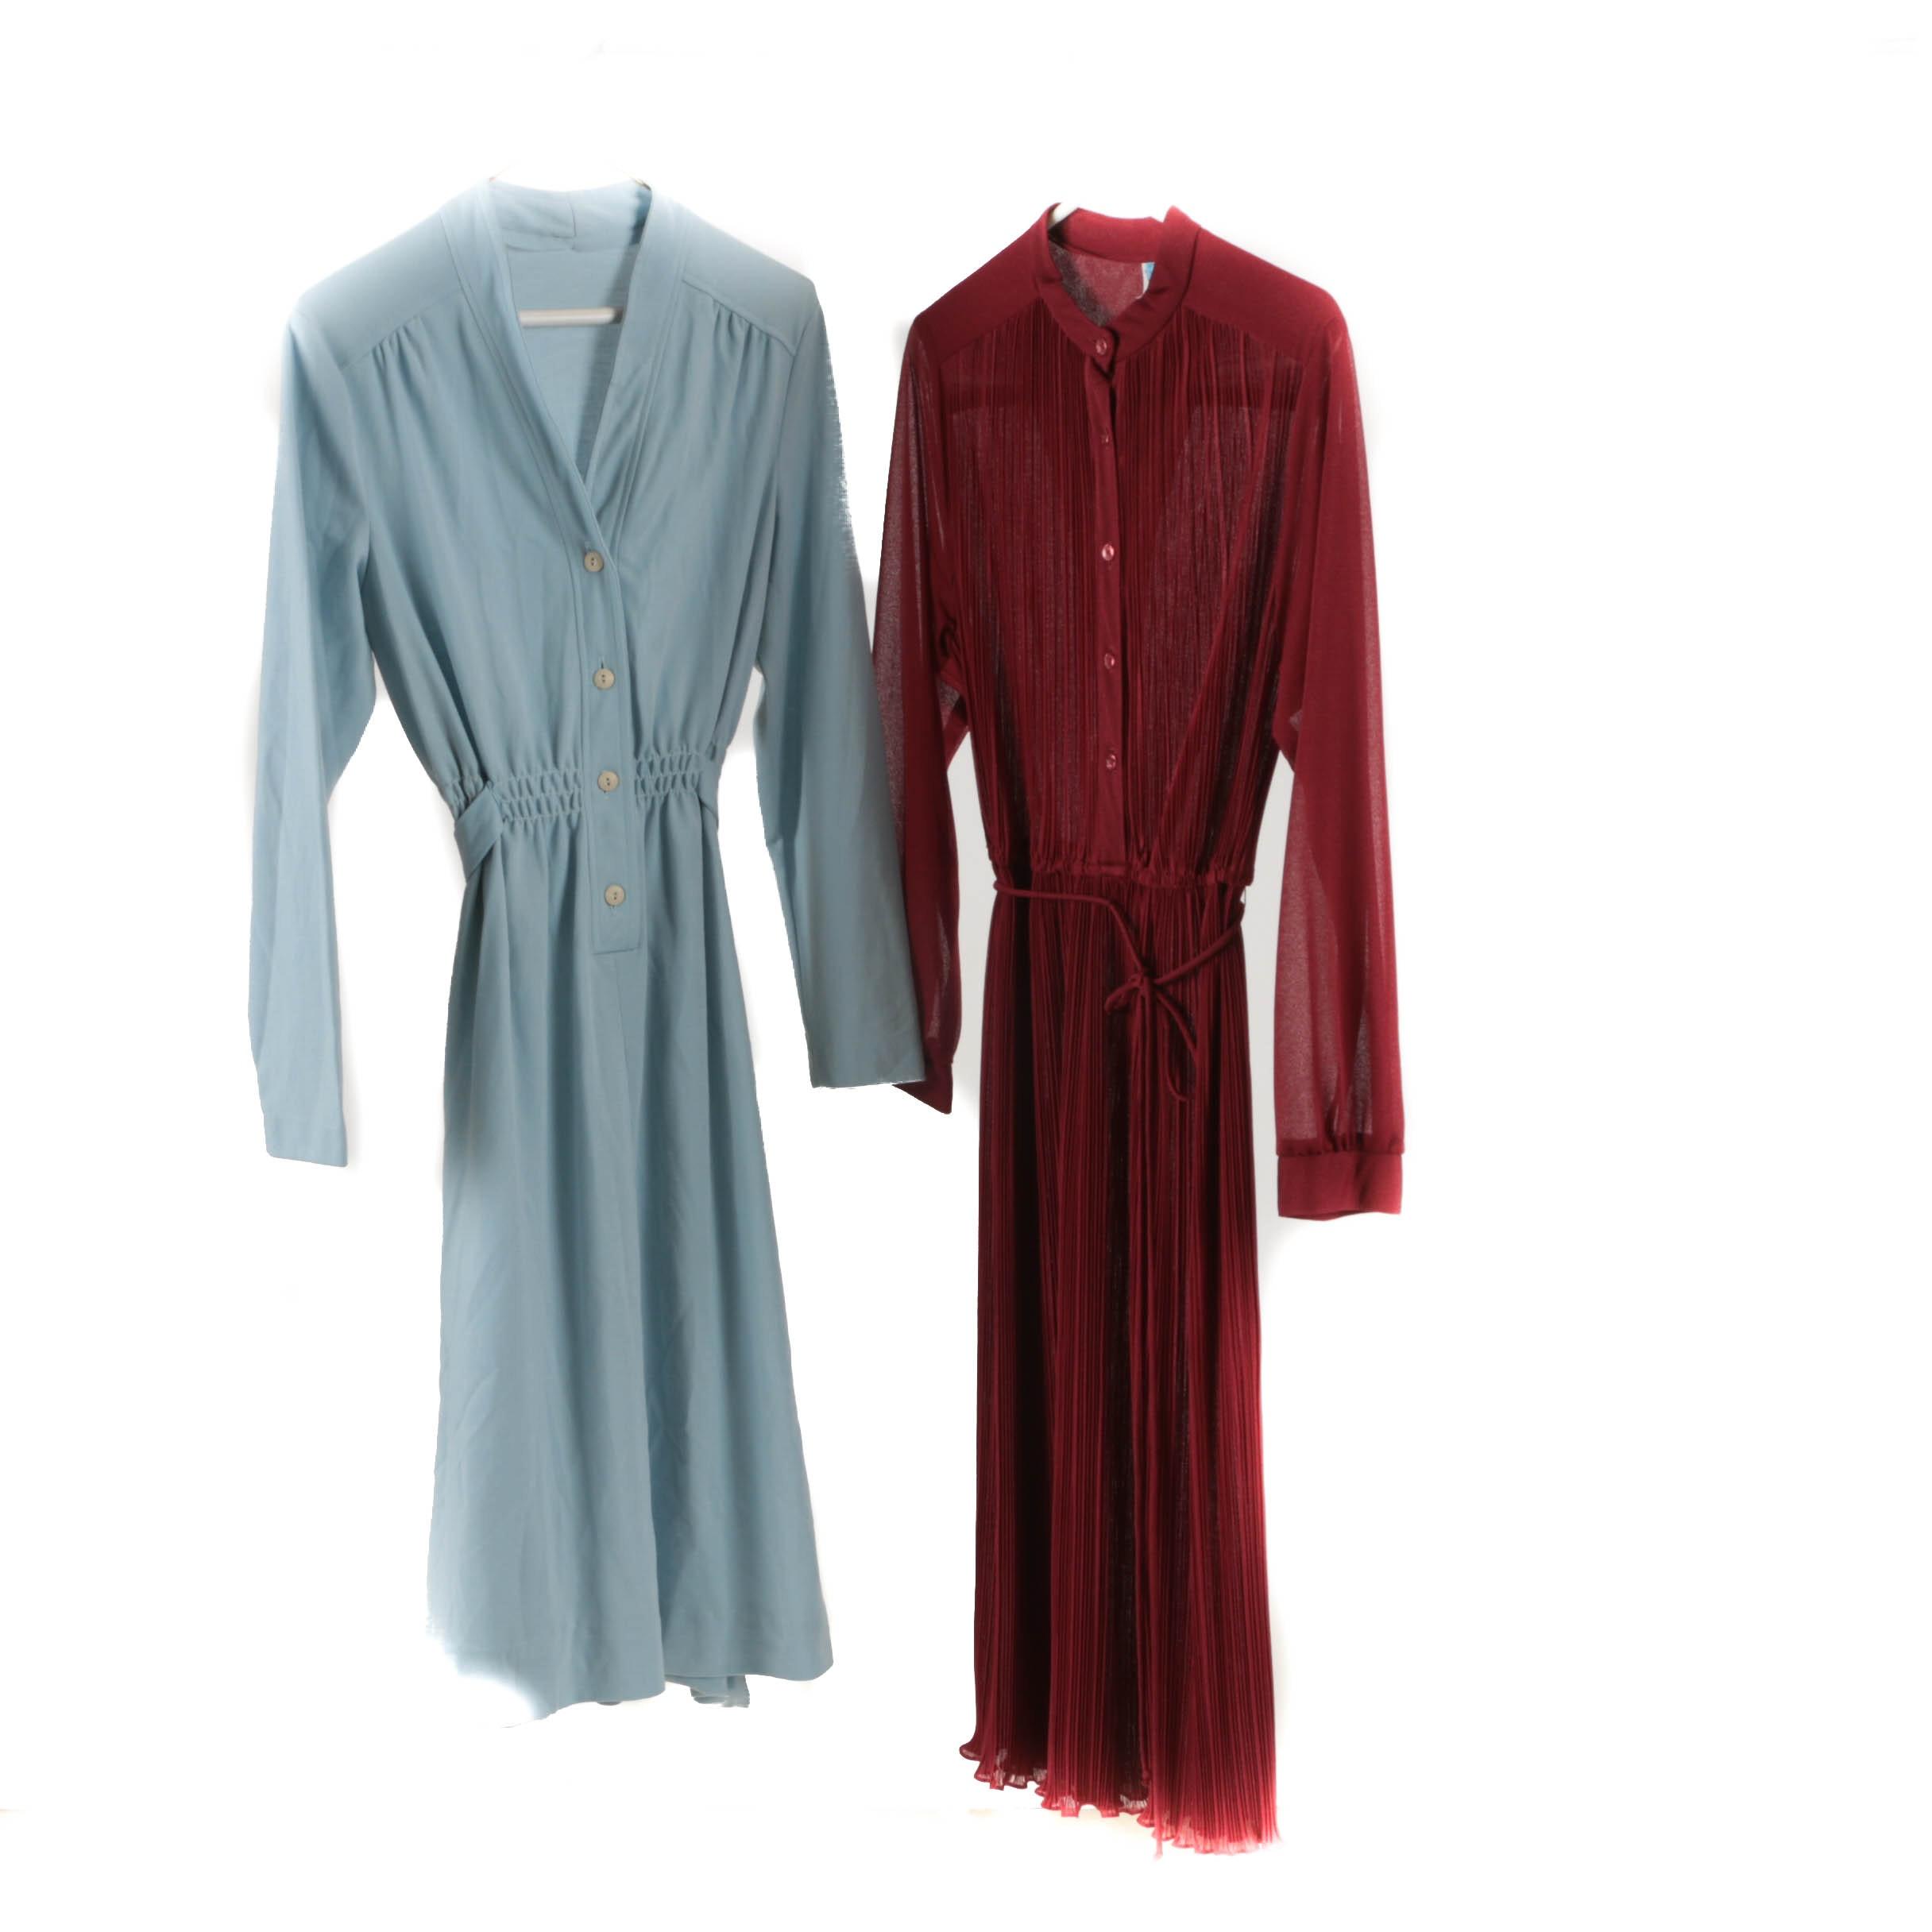 1970s Vintage Long-Sleeved Shirt Dresses